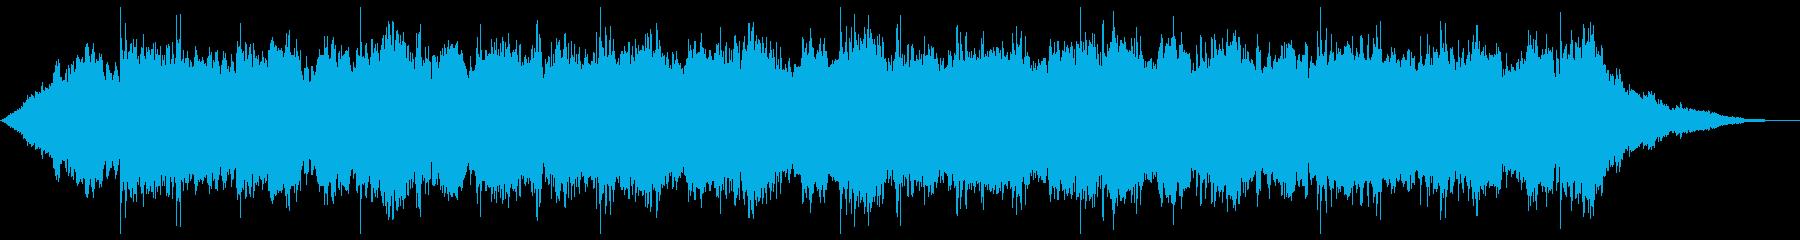 爽やかなリラクゼーションBGM1の再生済みの波形